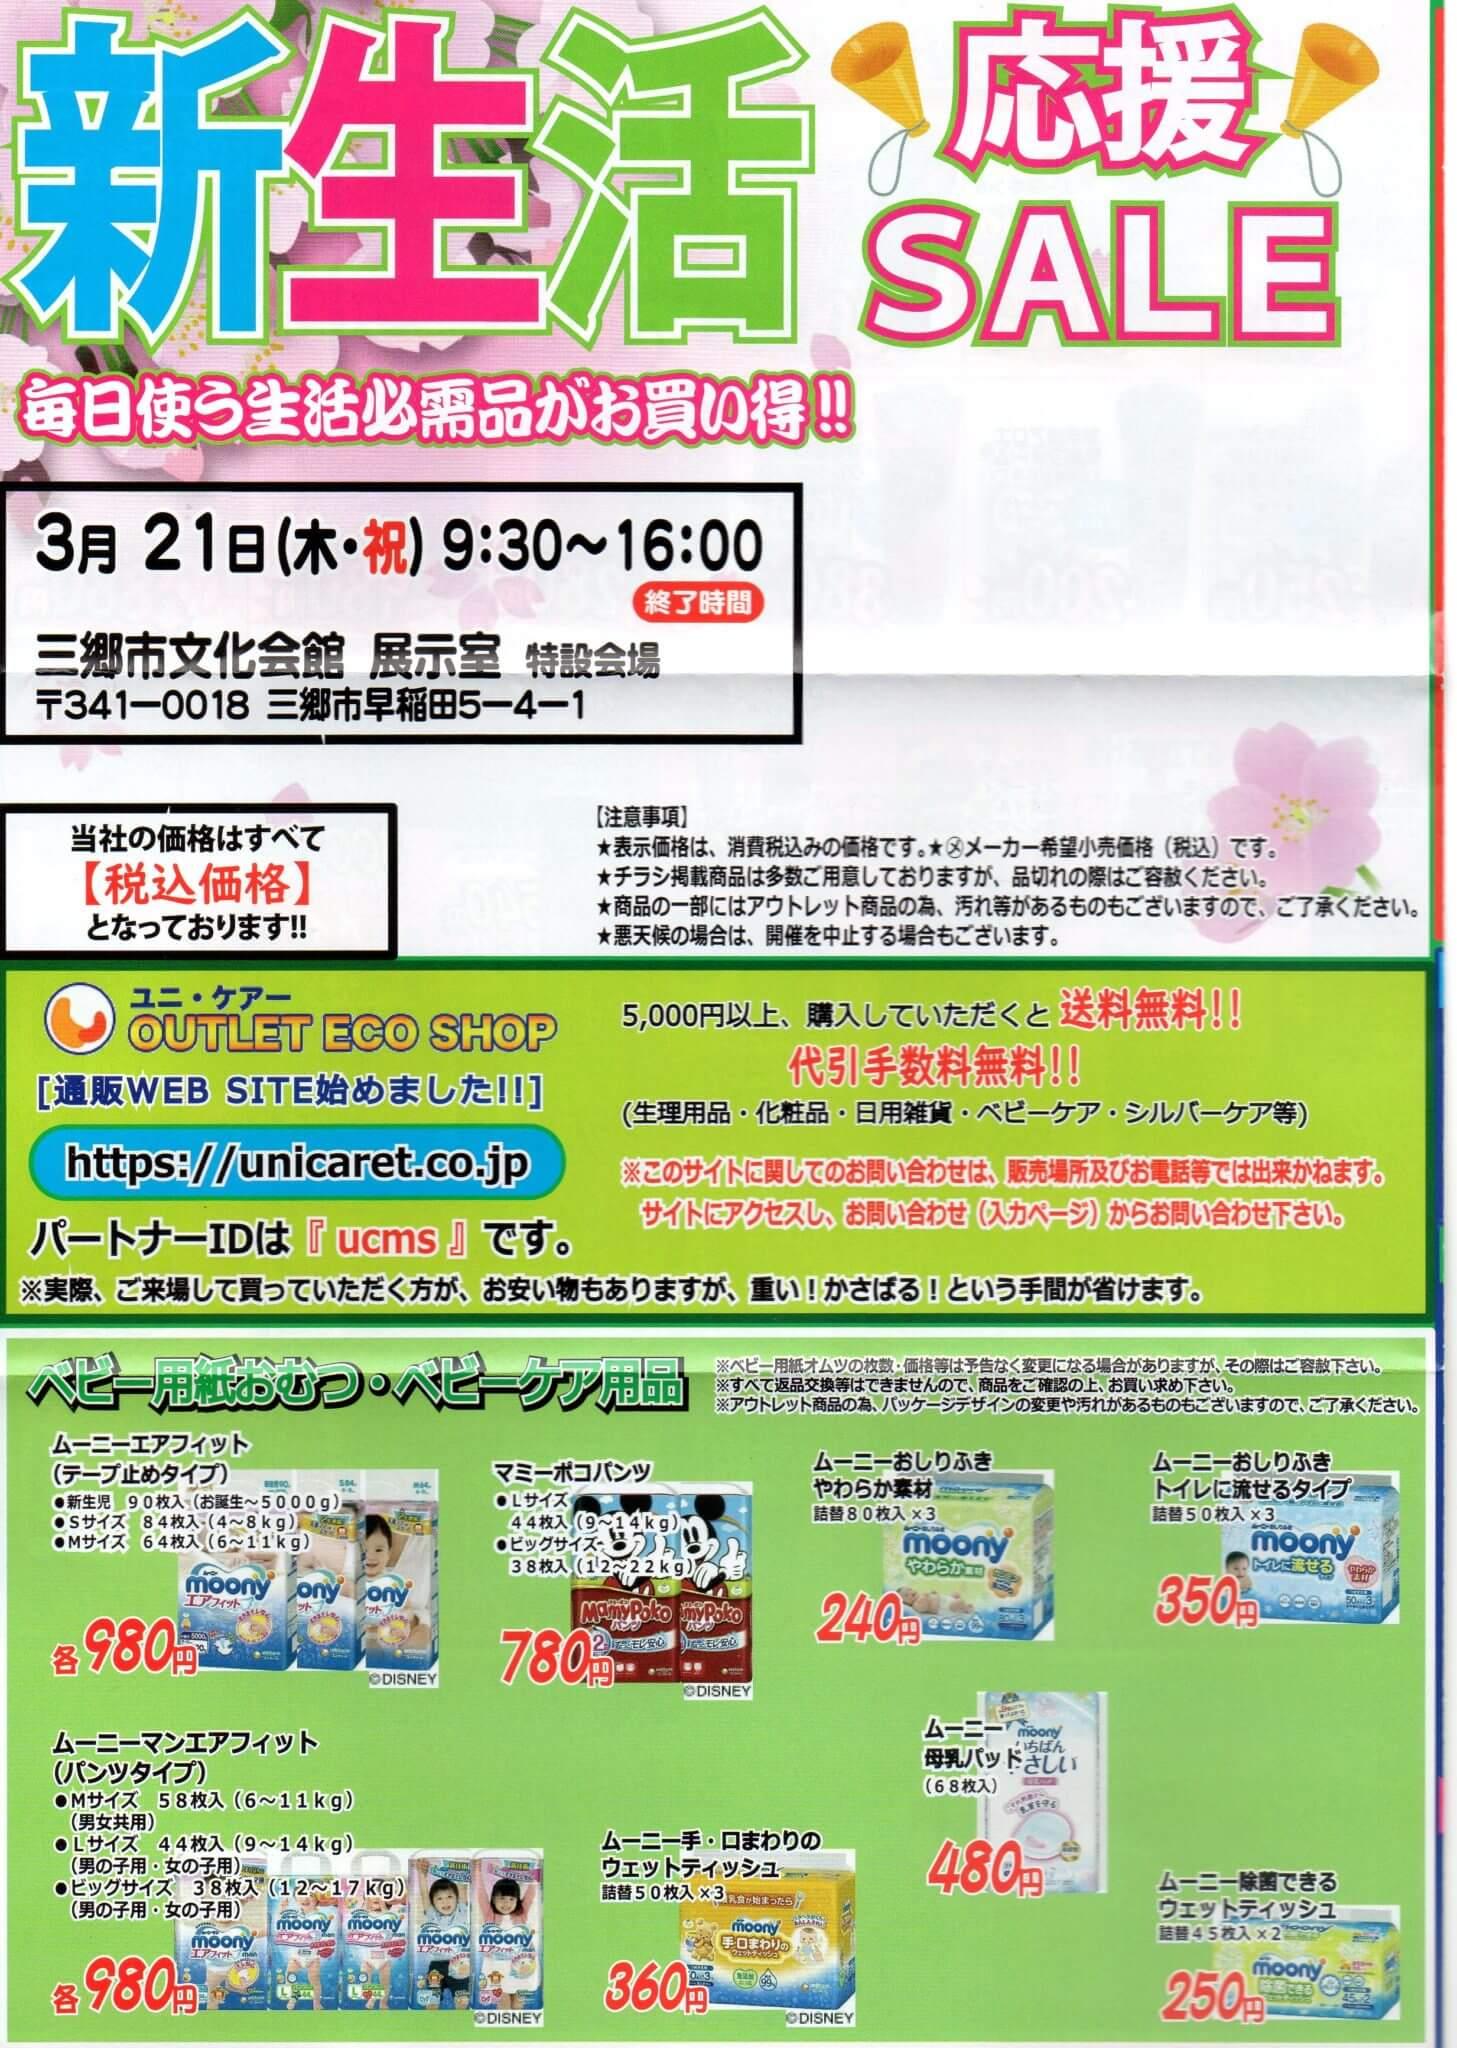 3/21(木・祝)ユニケアーアウトレットSALEが三郷市民文化会館で開催されます